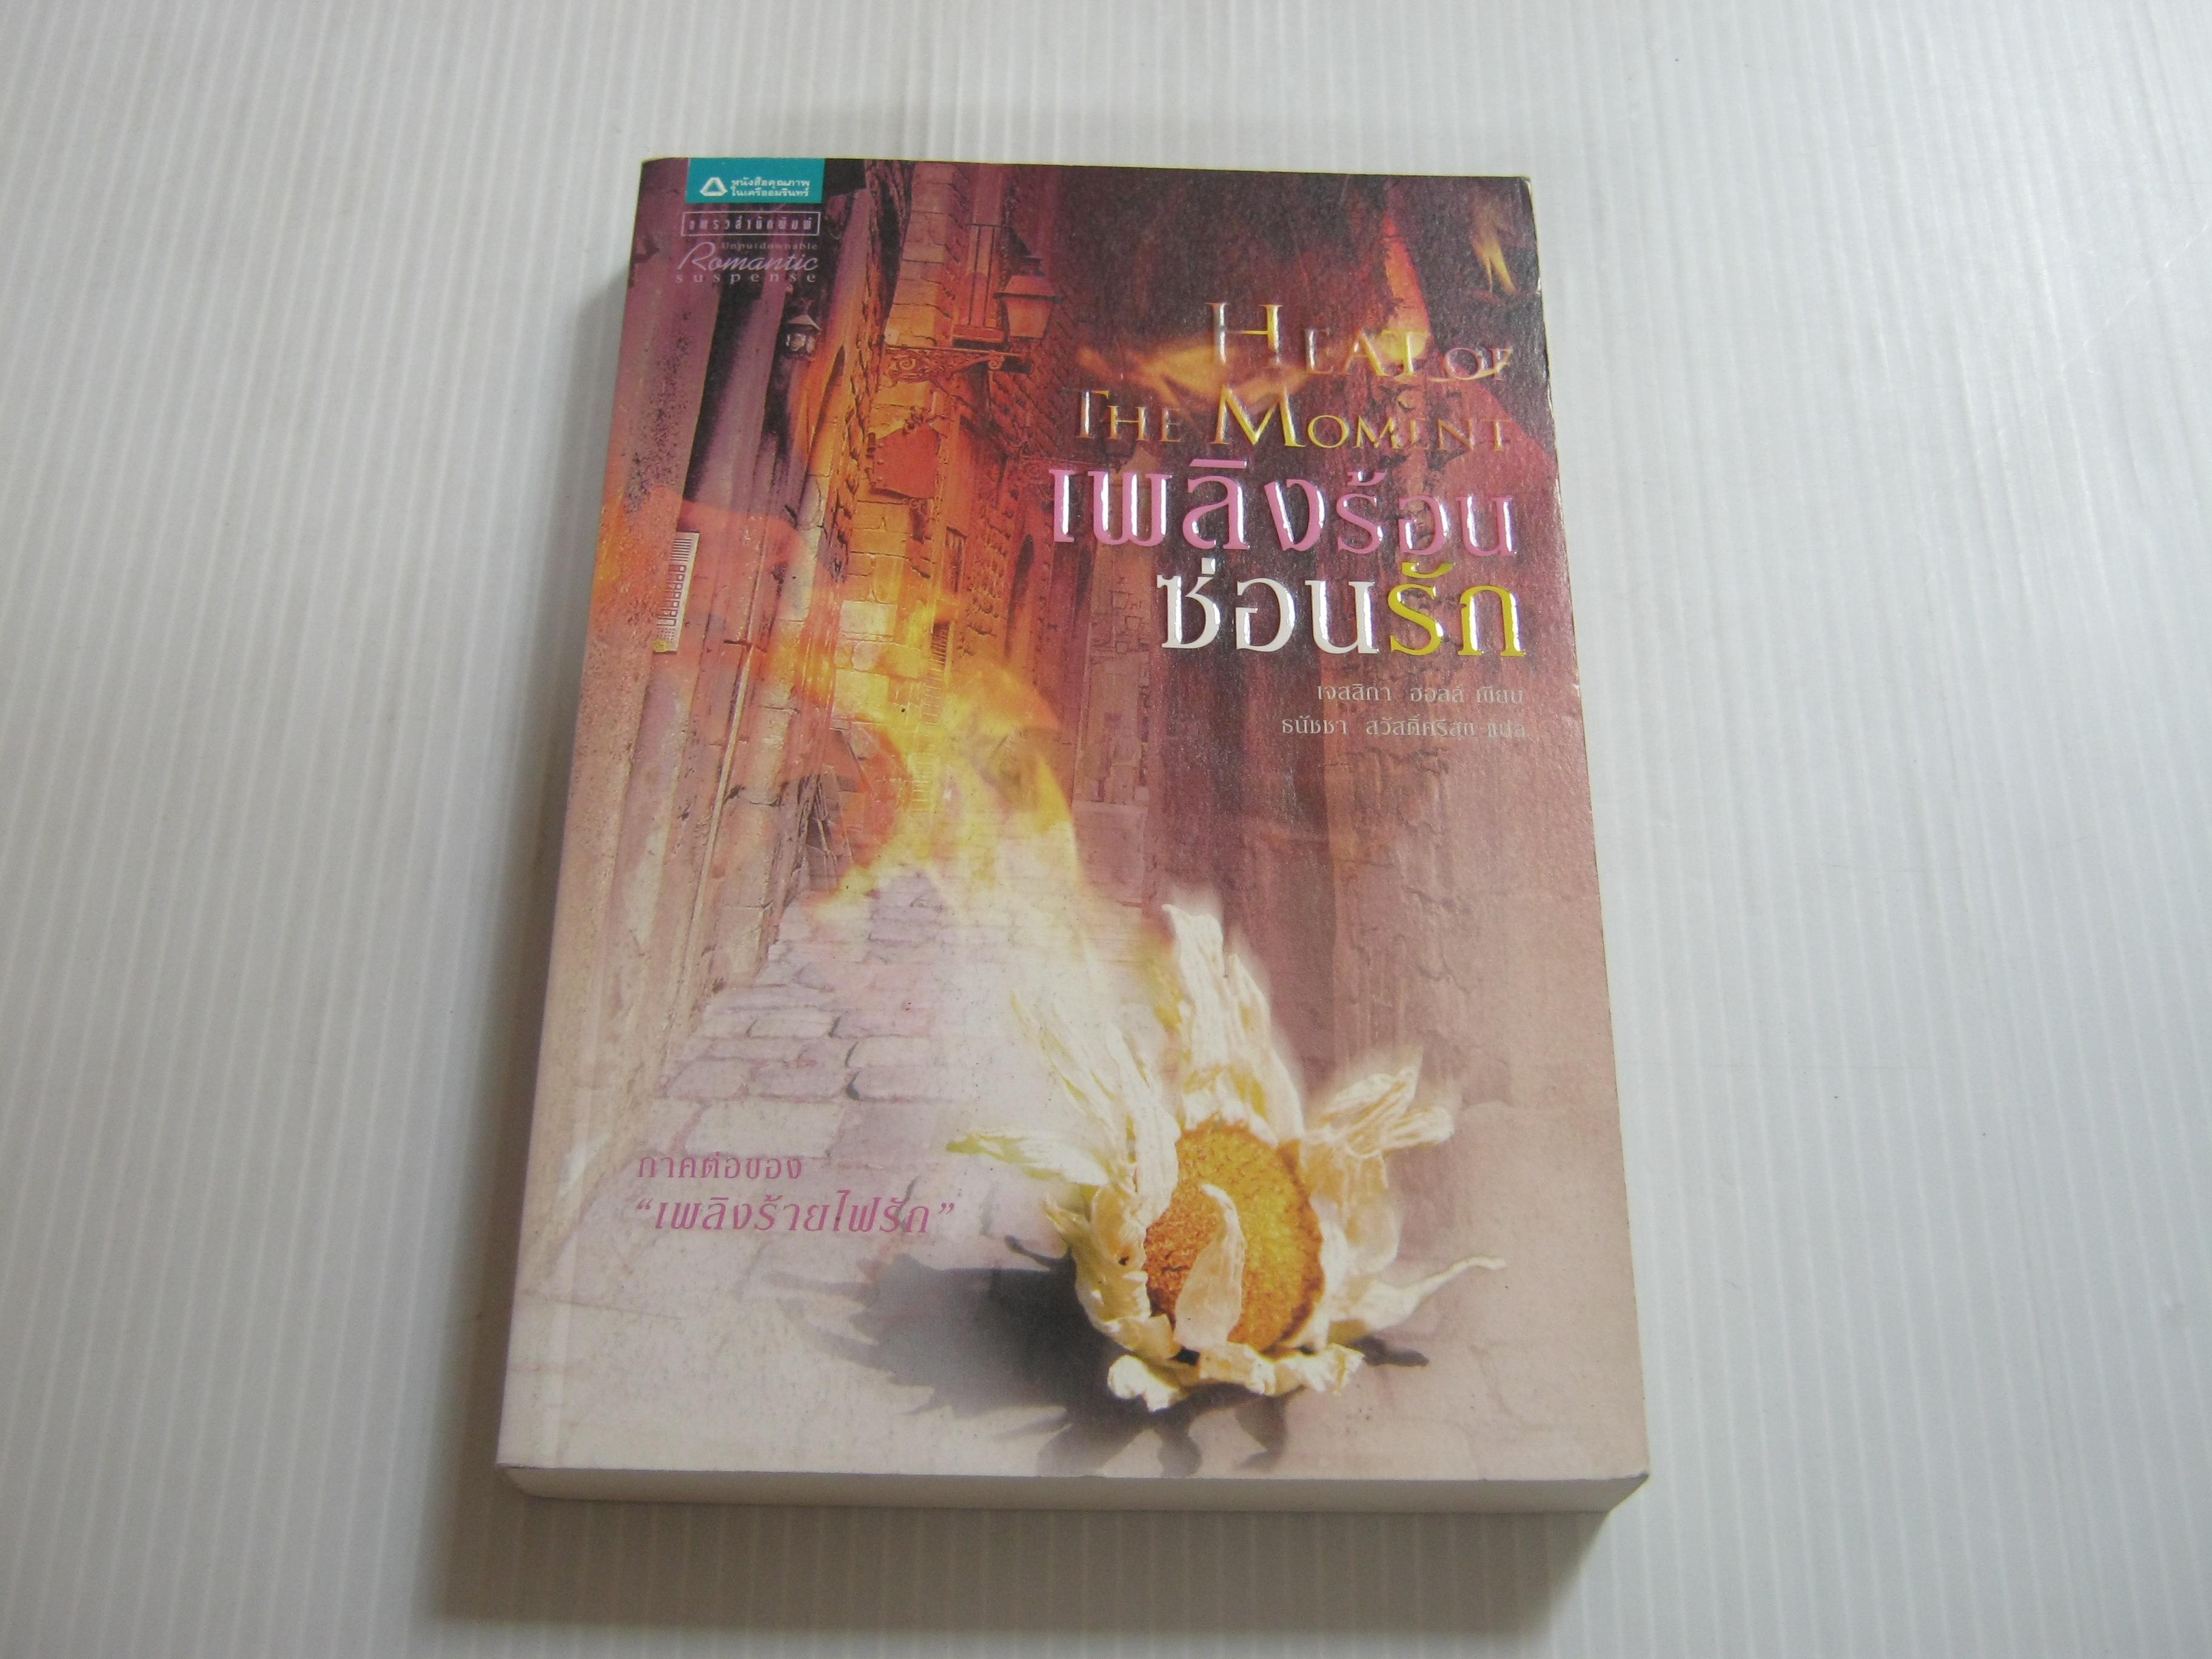 เพลิงร้อนซ่อนรัก (Heat of The Moment) เจสสิกา ฮอลล์ เขียน ธนัชชา สวัสดิ์ศรีสุข แปล